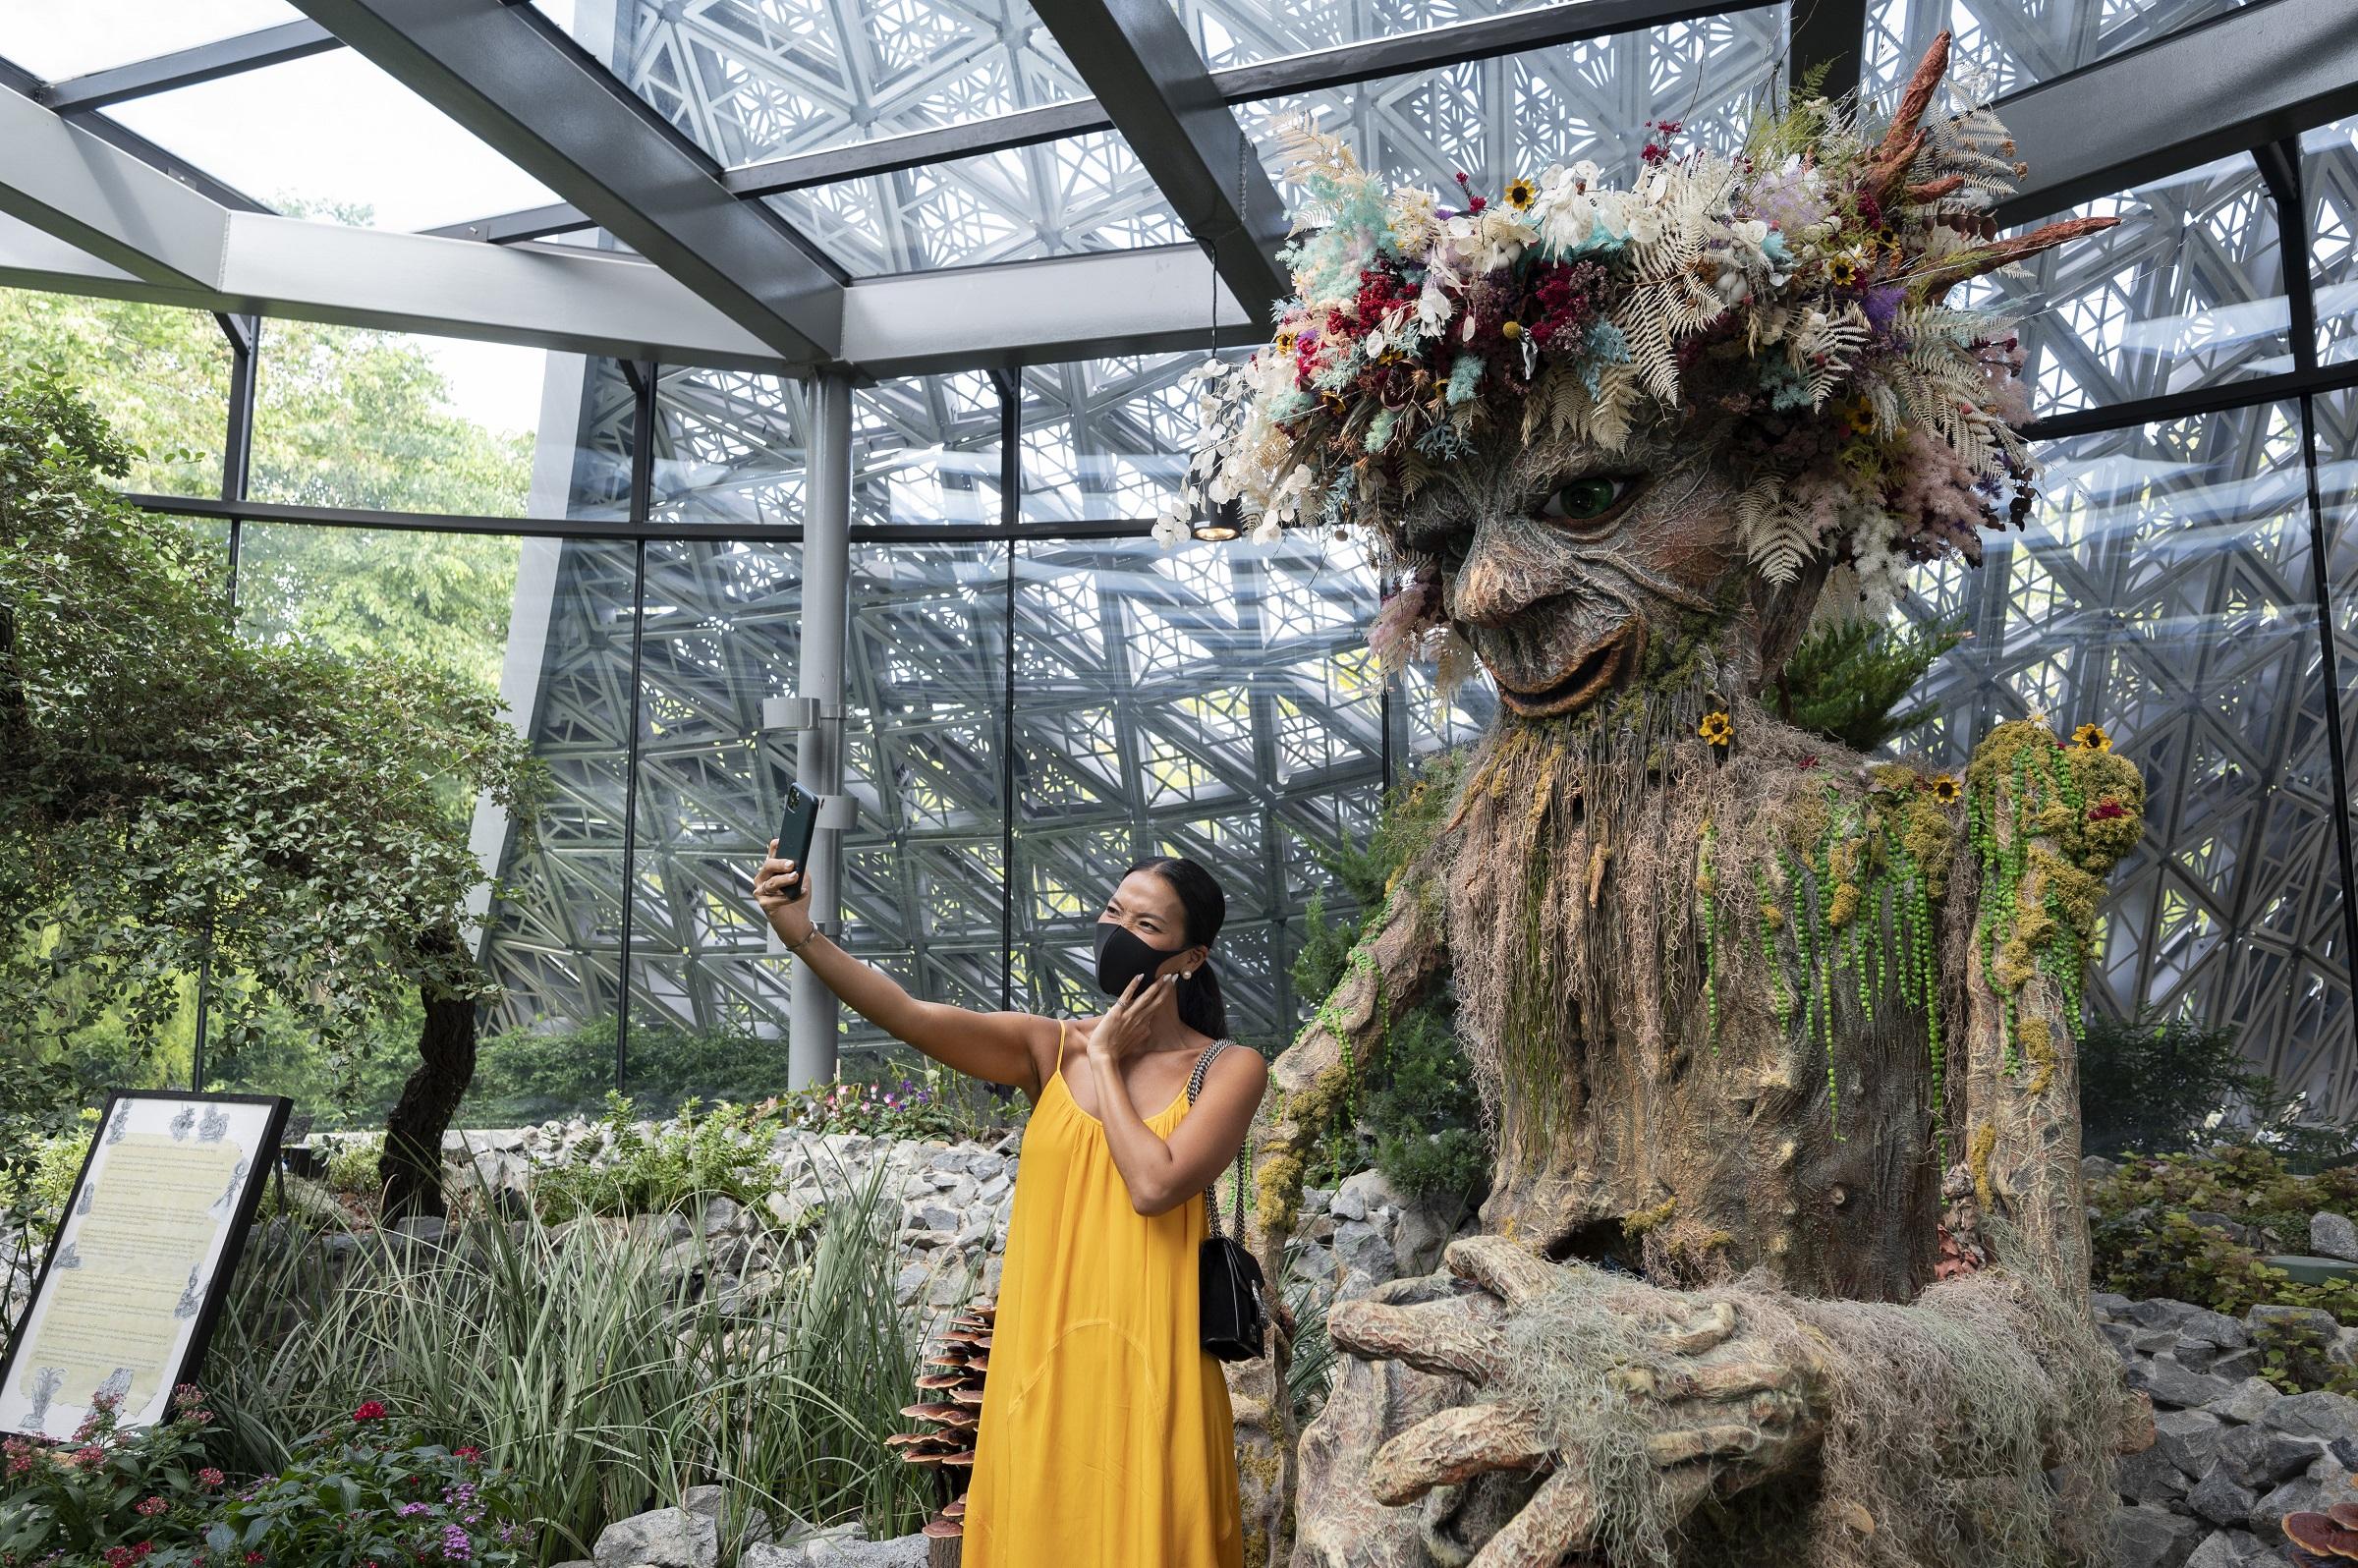 Tượng đá giữ cửa Nobu được làm từ thân cây và các loại hoa khác nhau là điểm chụp ảnh check-in ưa thích của cô. Ảnh: STB.